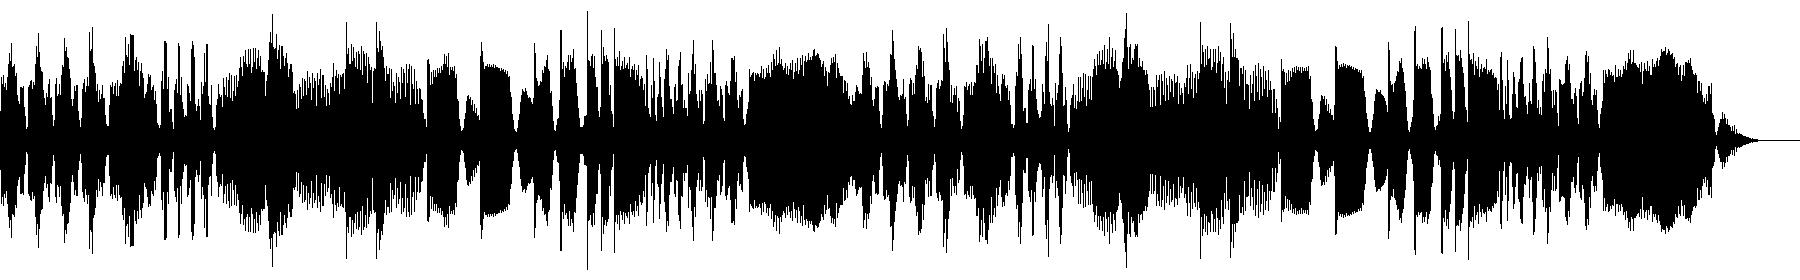 wobble bass 2